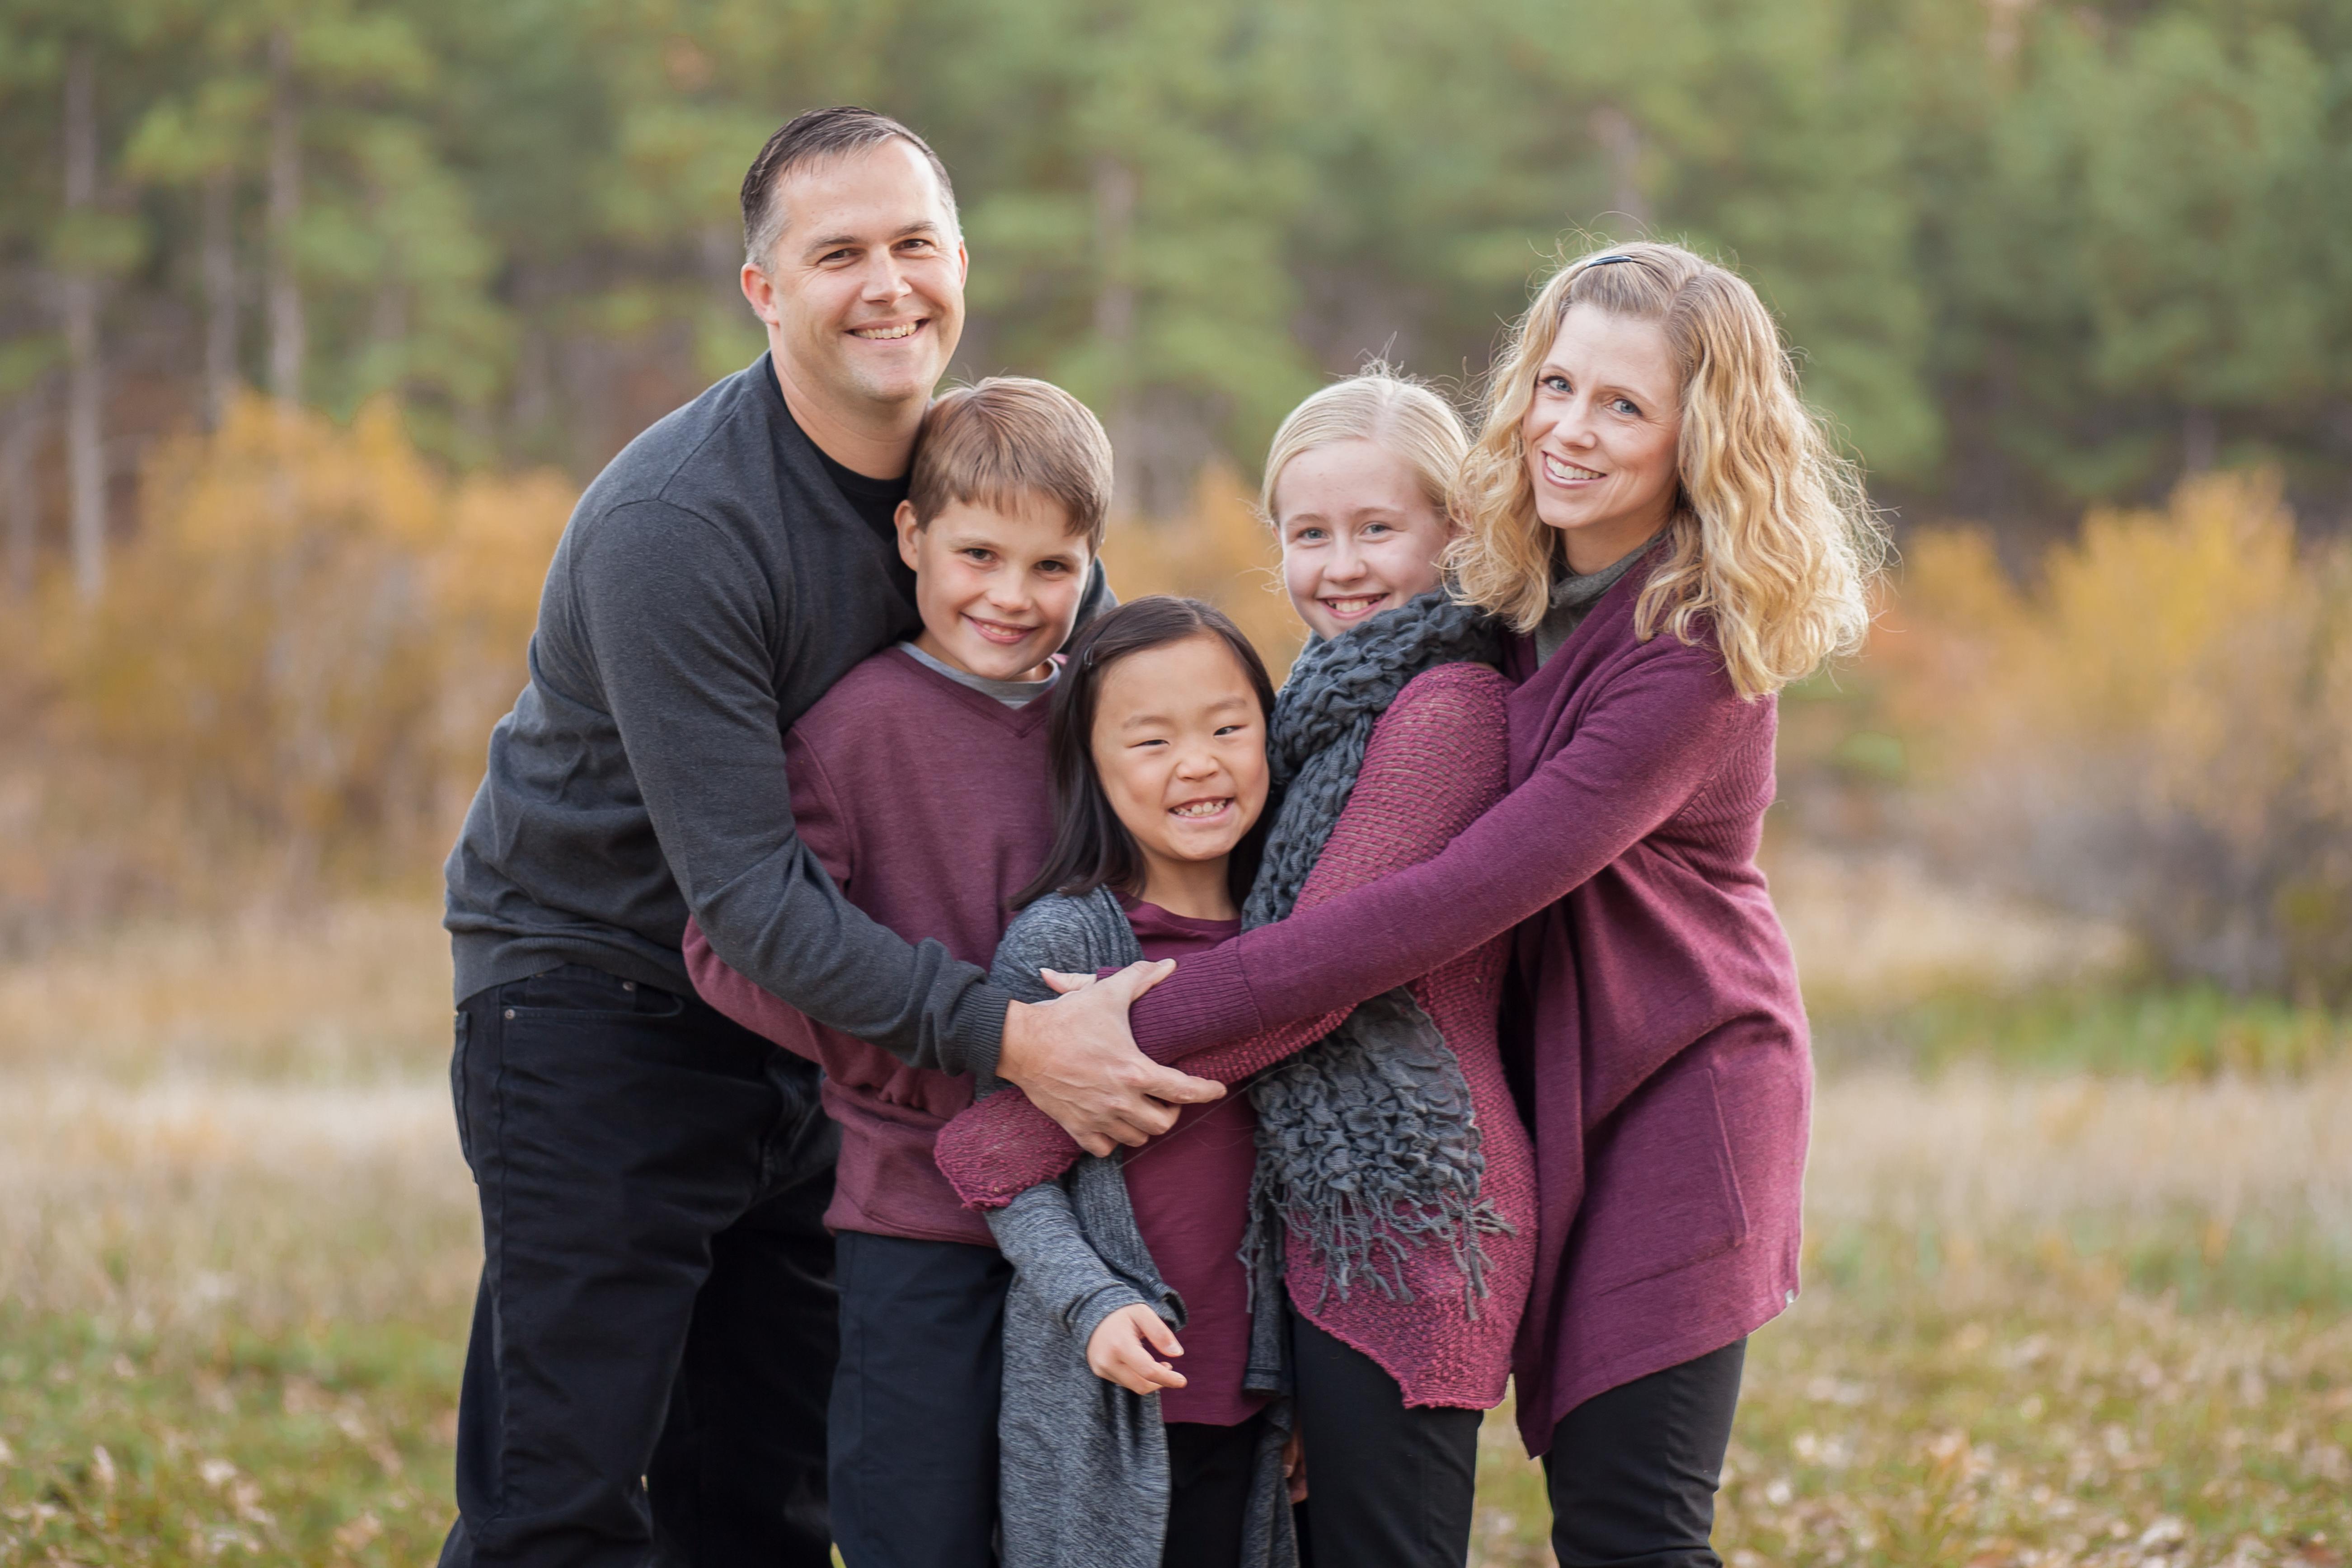 Graves Family_SSDDP-2886